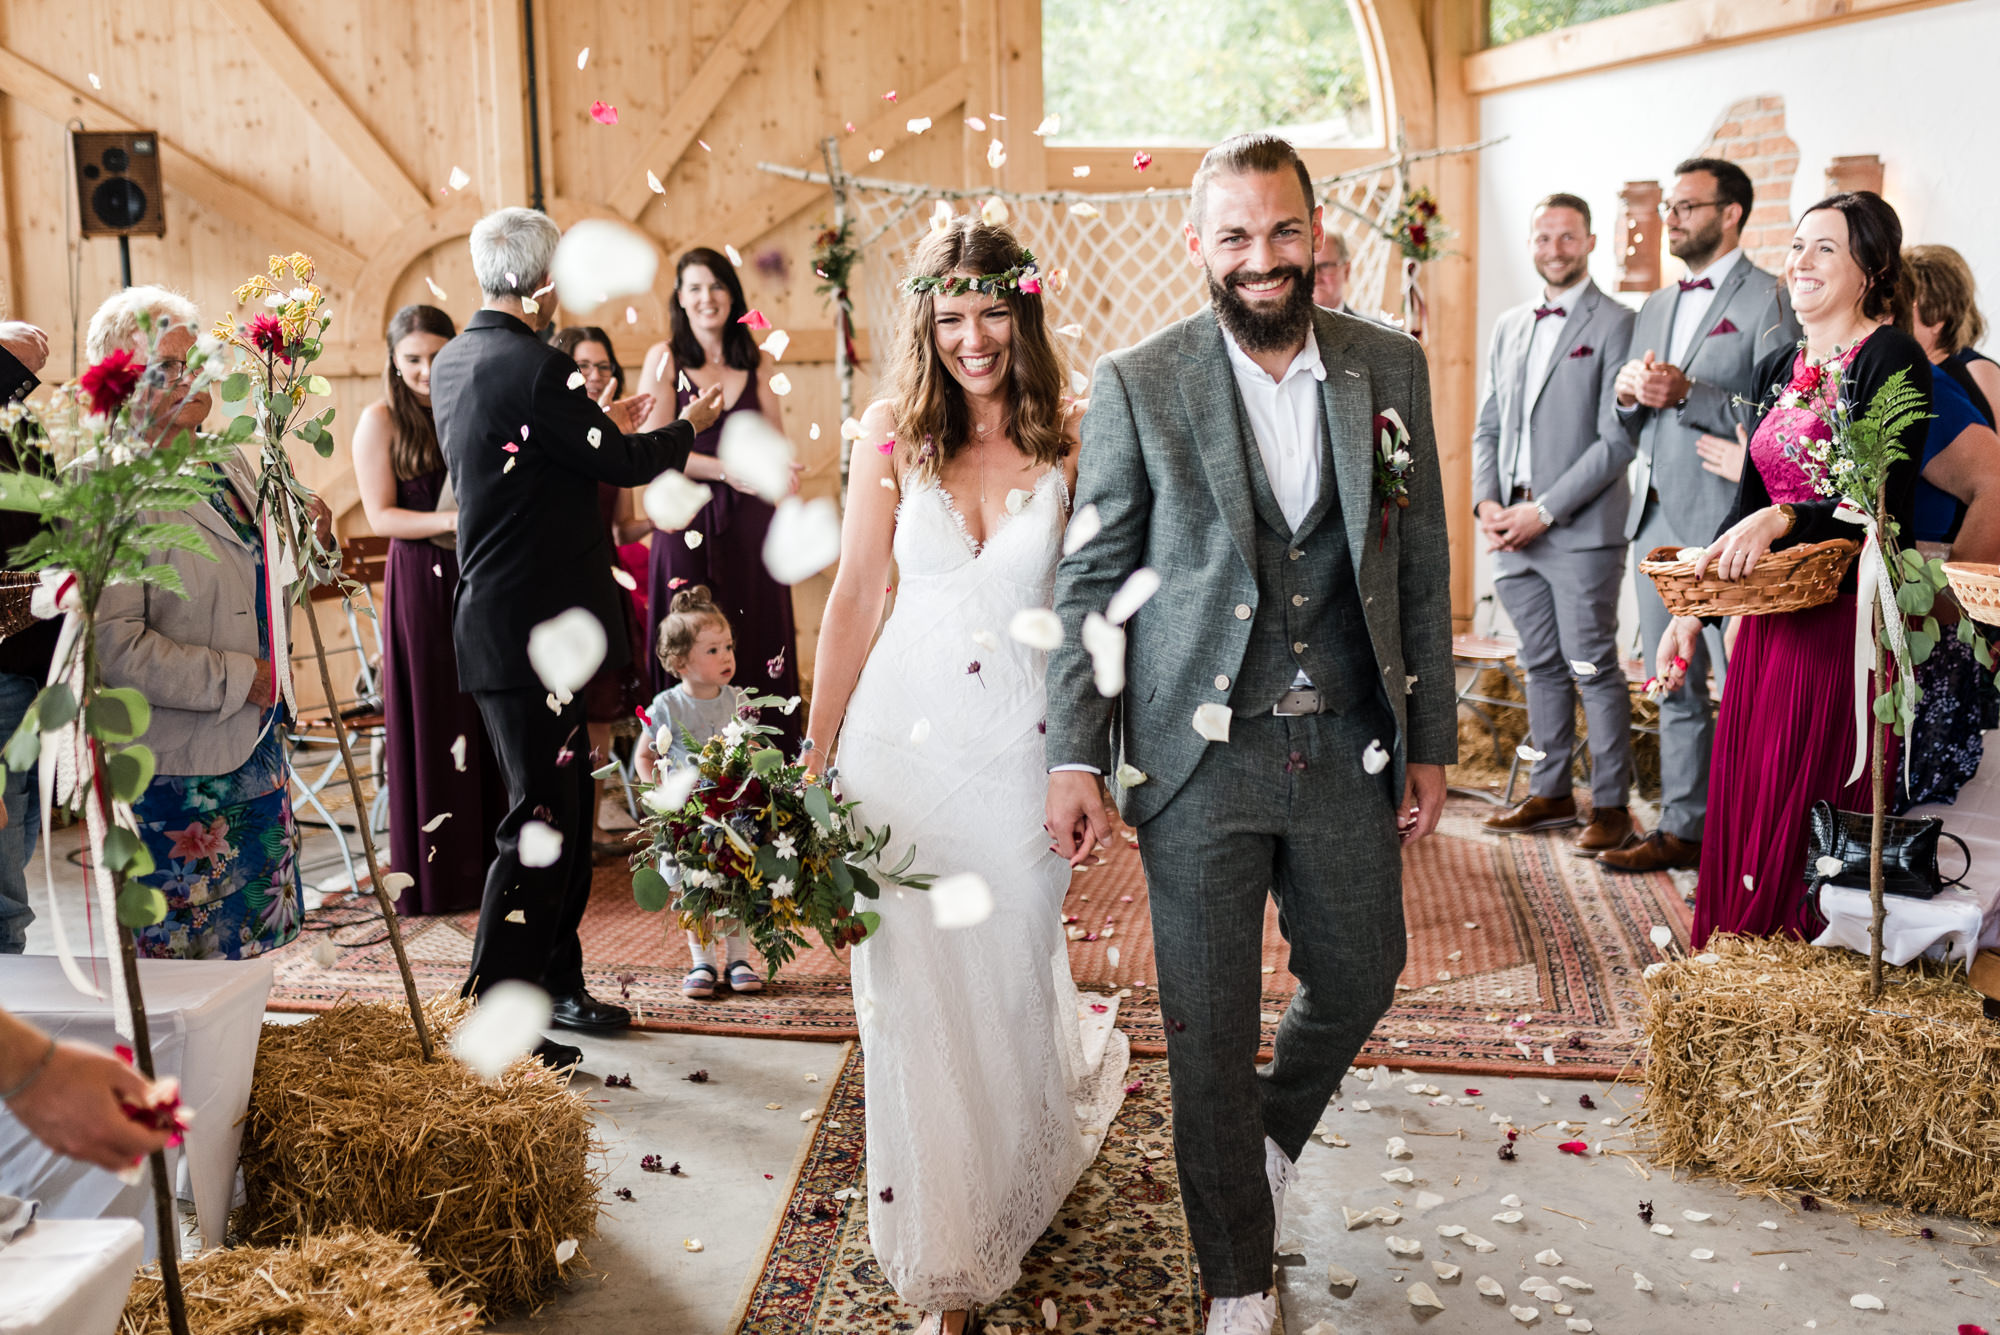 Boho Hochzeit am Grandsberger Hof im Bayerischen Wald mit freier Trauung im Bayerischen Wald fotografiert von Hochzeitsfotografin Veronika Anna Fotografie aus Straubing